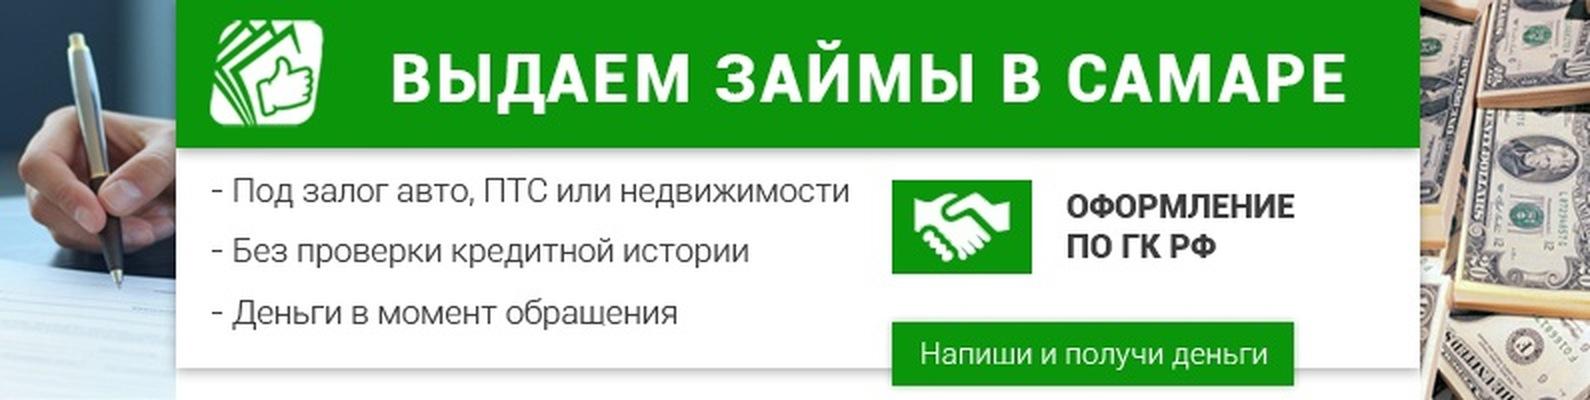 Займ под птс Снежная улица быстрый займ под залог птс Чоботовская улица